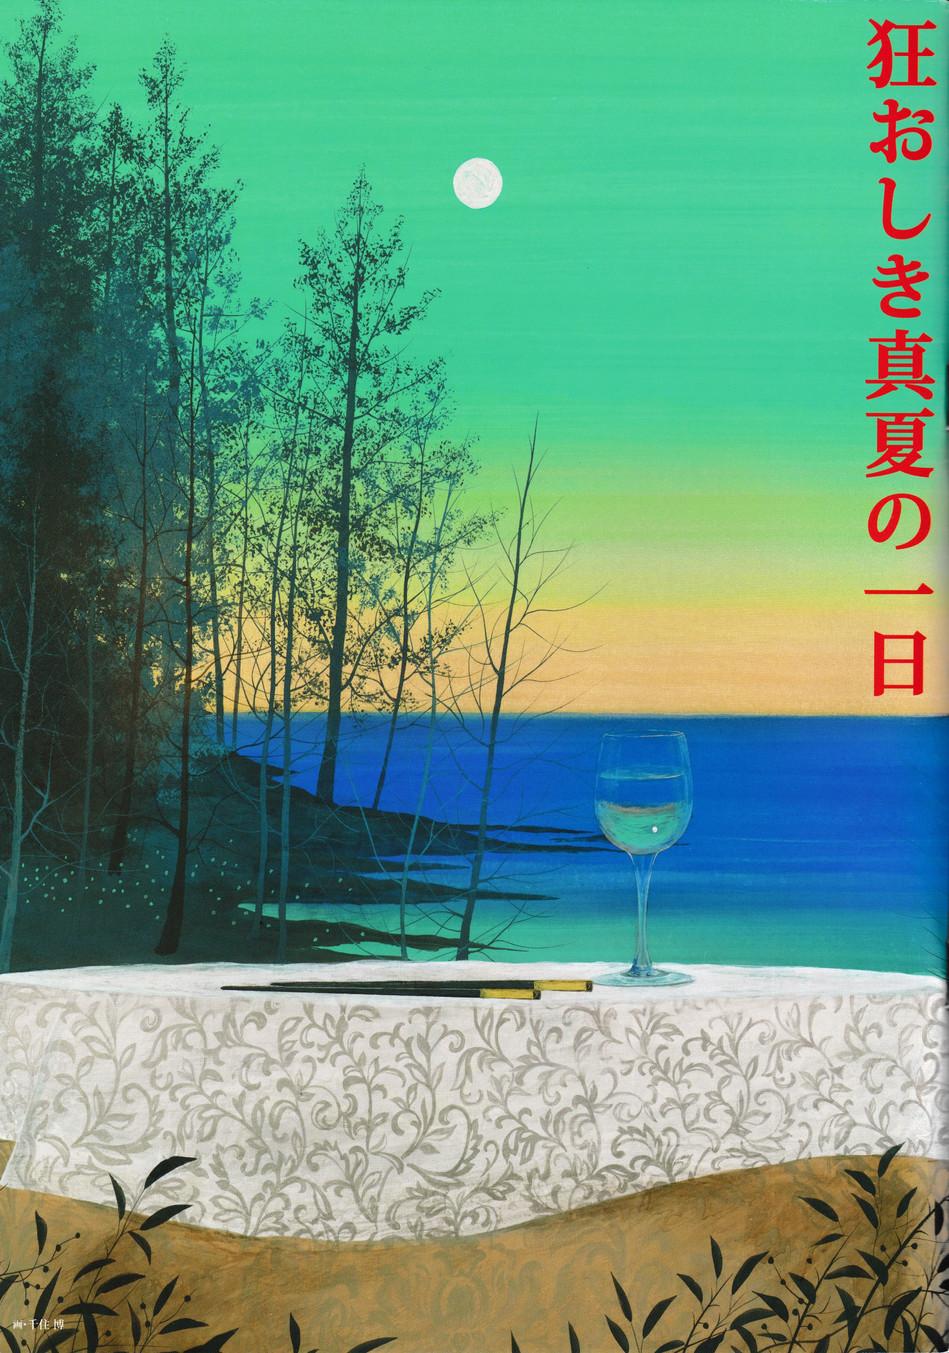 狂おしき真夏の一日.jpg